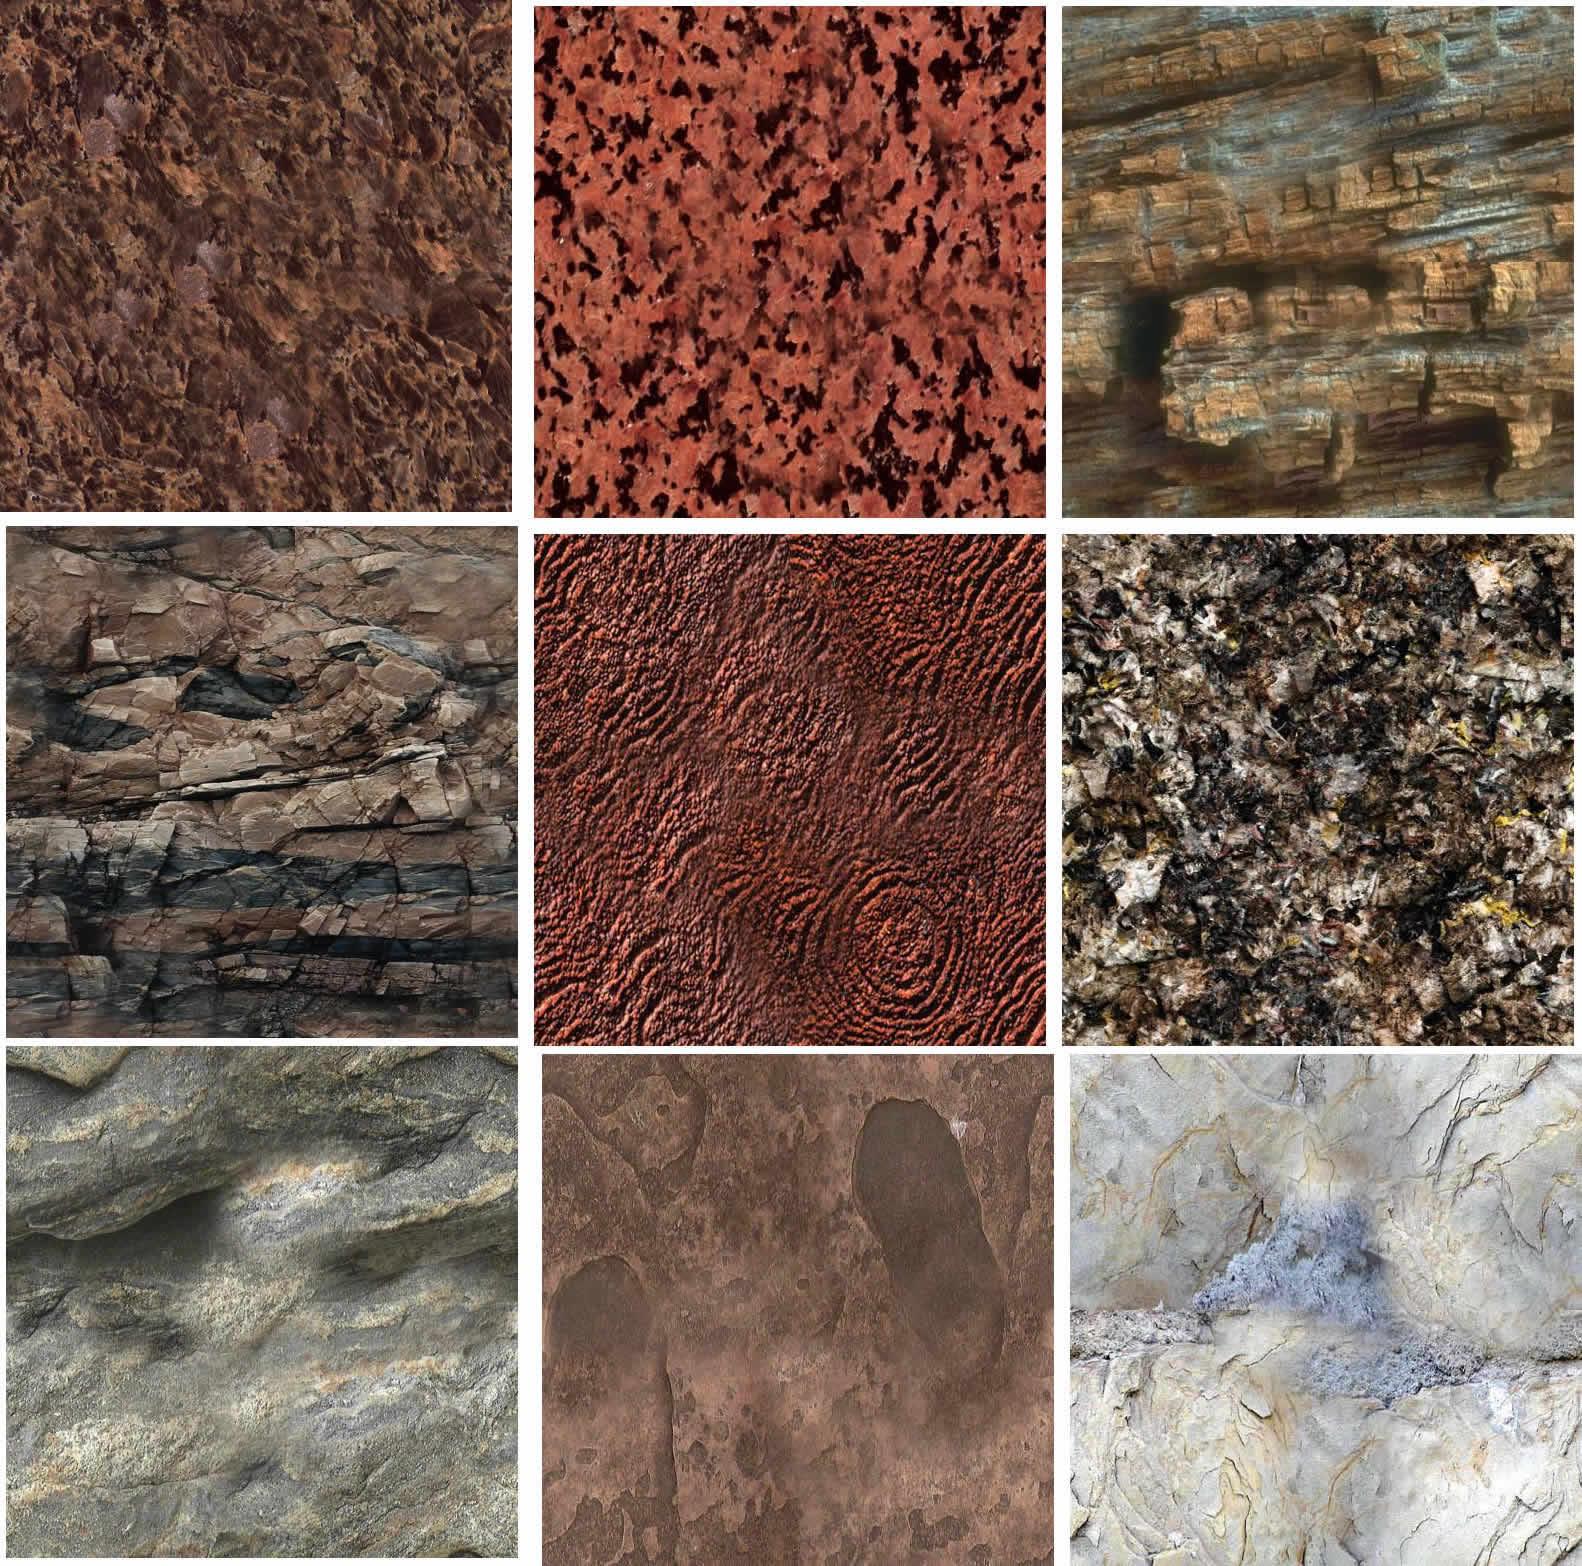 imagen Texturas de piedra y  rocas, en Piedra - Texturas